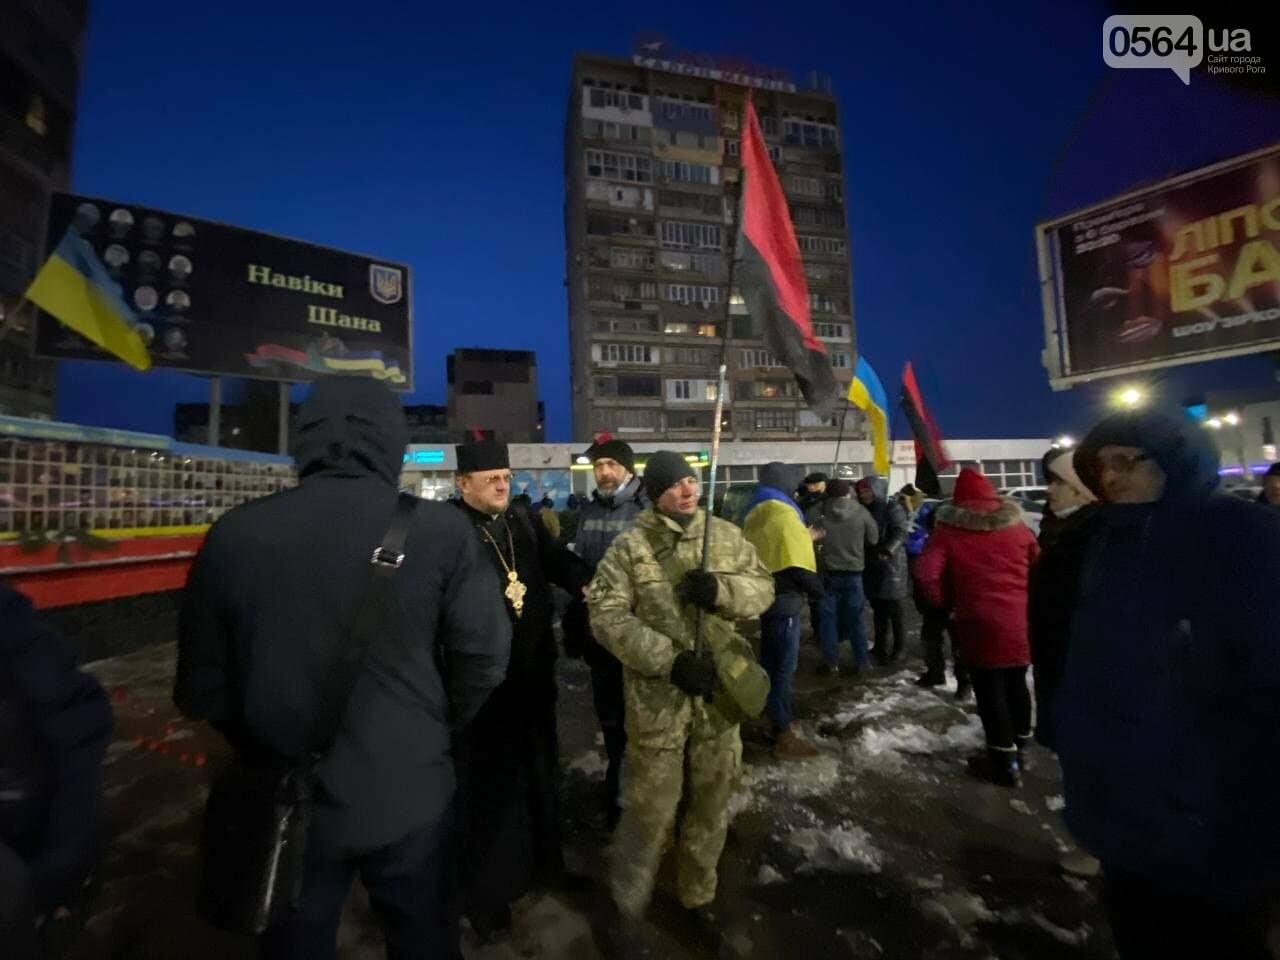 В Кривом Роге горожане вышли на митинг-реквием чтобы почтить память Героев Небесной Сотни, - ФОТО, ВИДЕО, фото-10